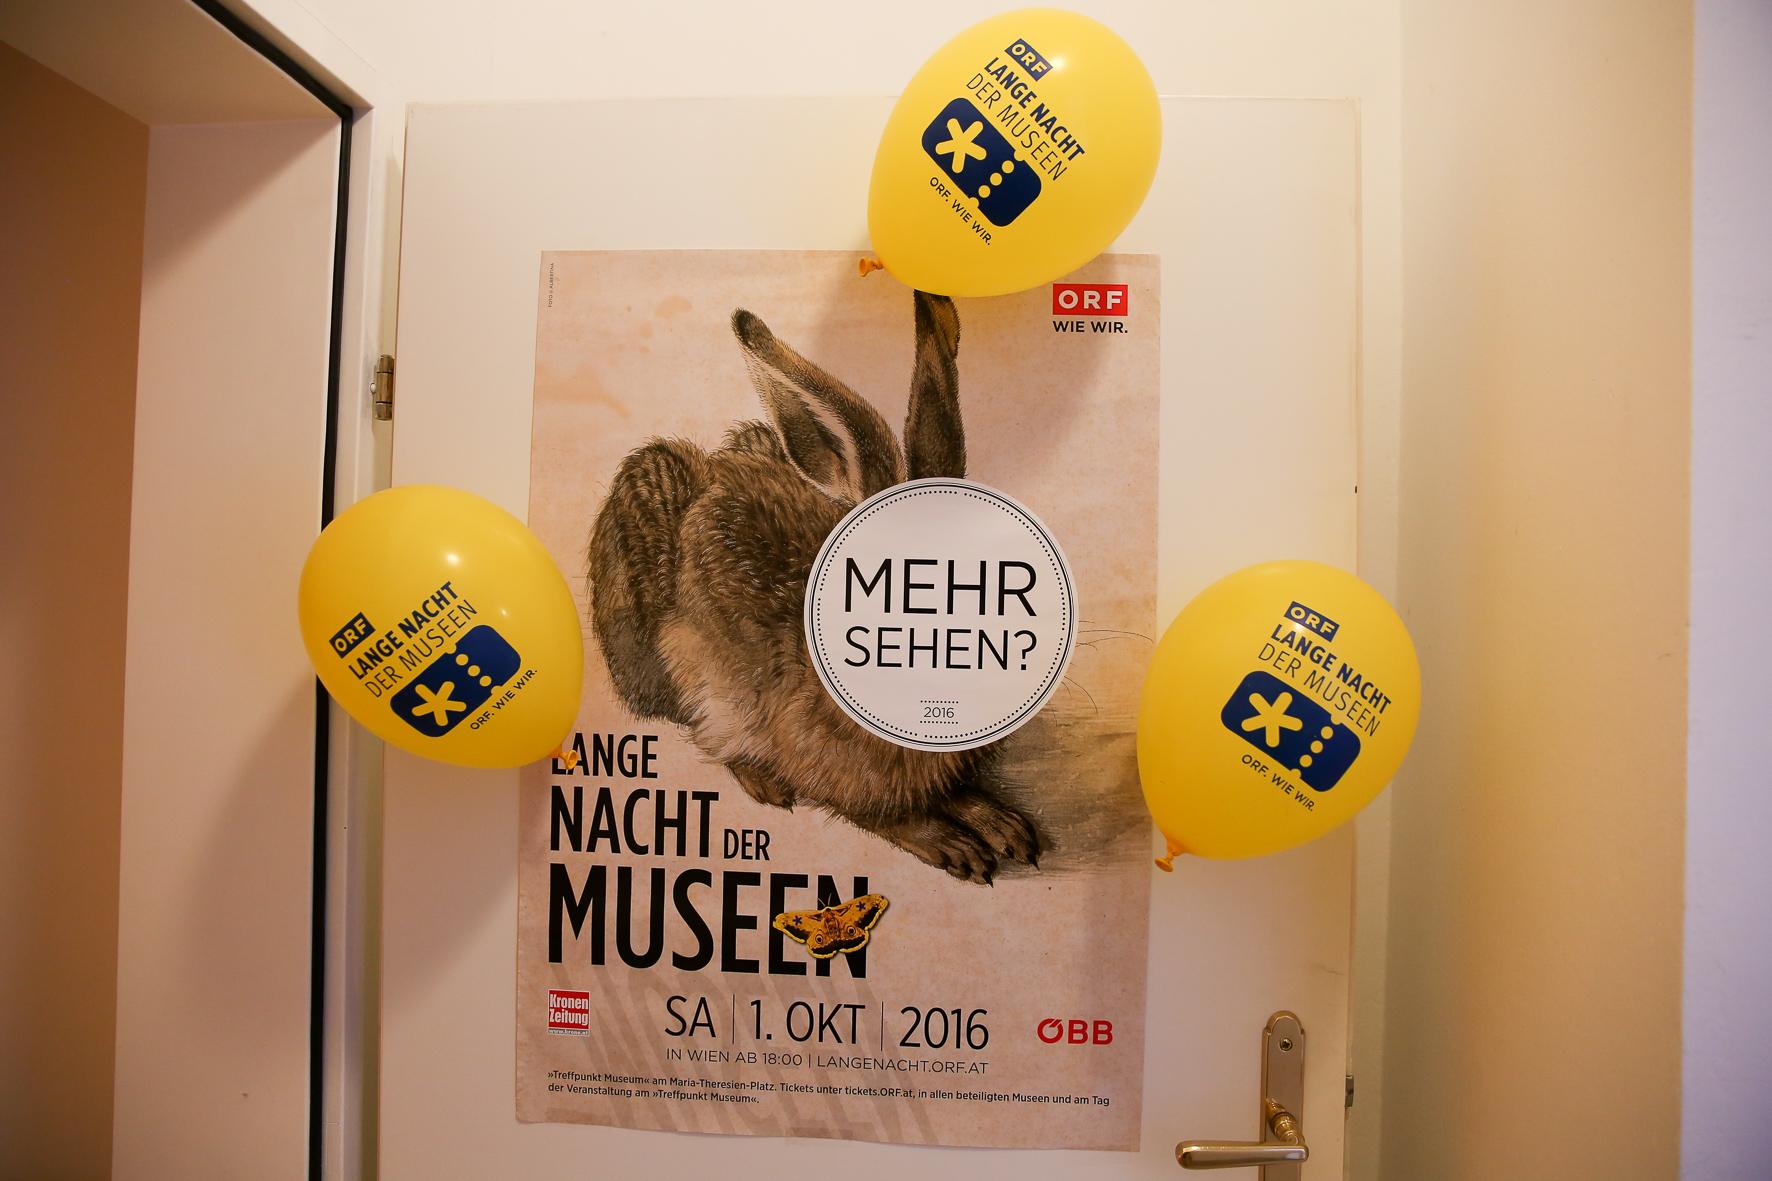 Mode Wien Museum